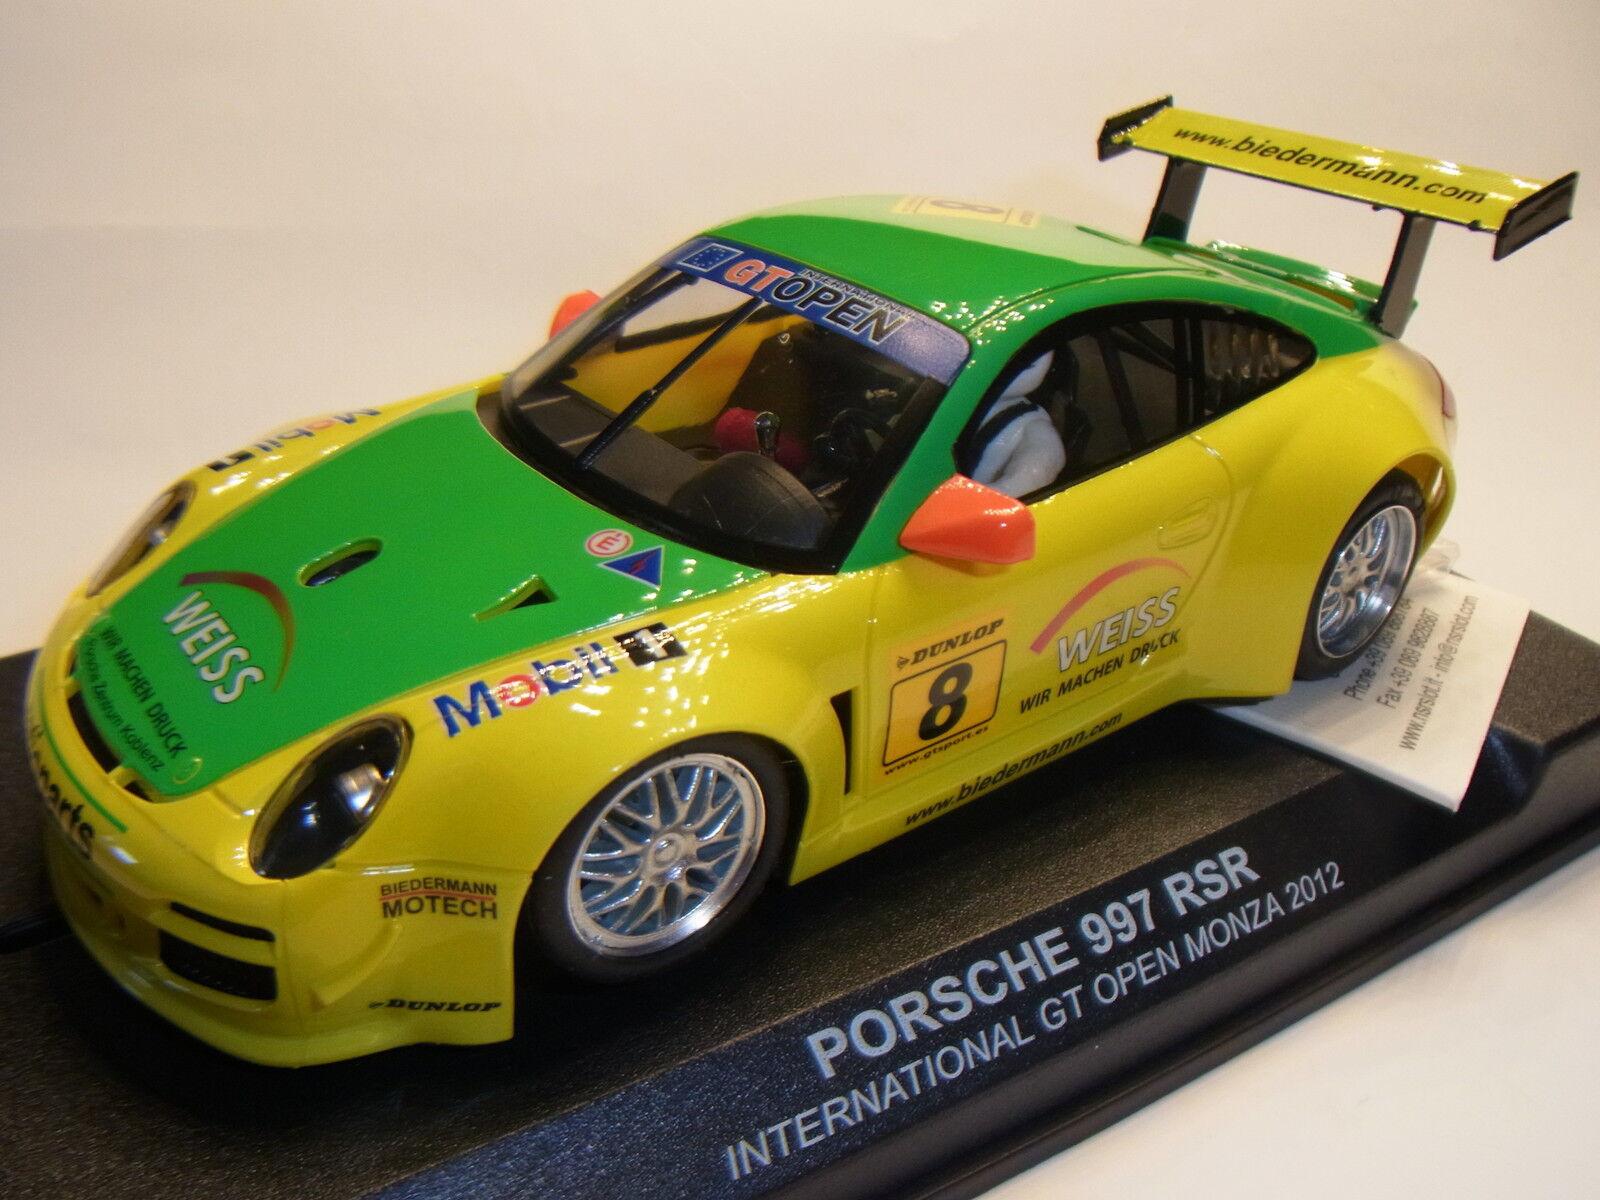 NSR PORSCHE 997 GT RSR équipe Manthey MONZA 2012 pour circuit de course